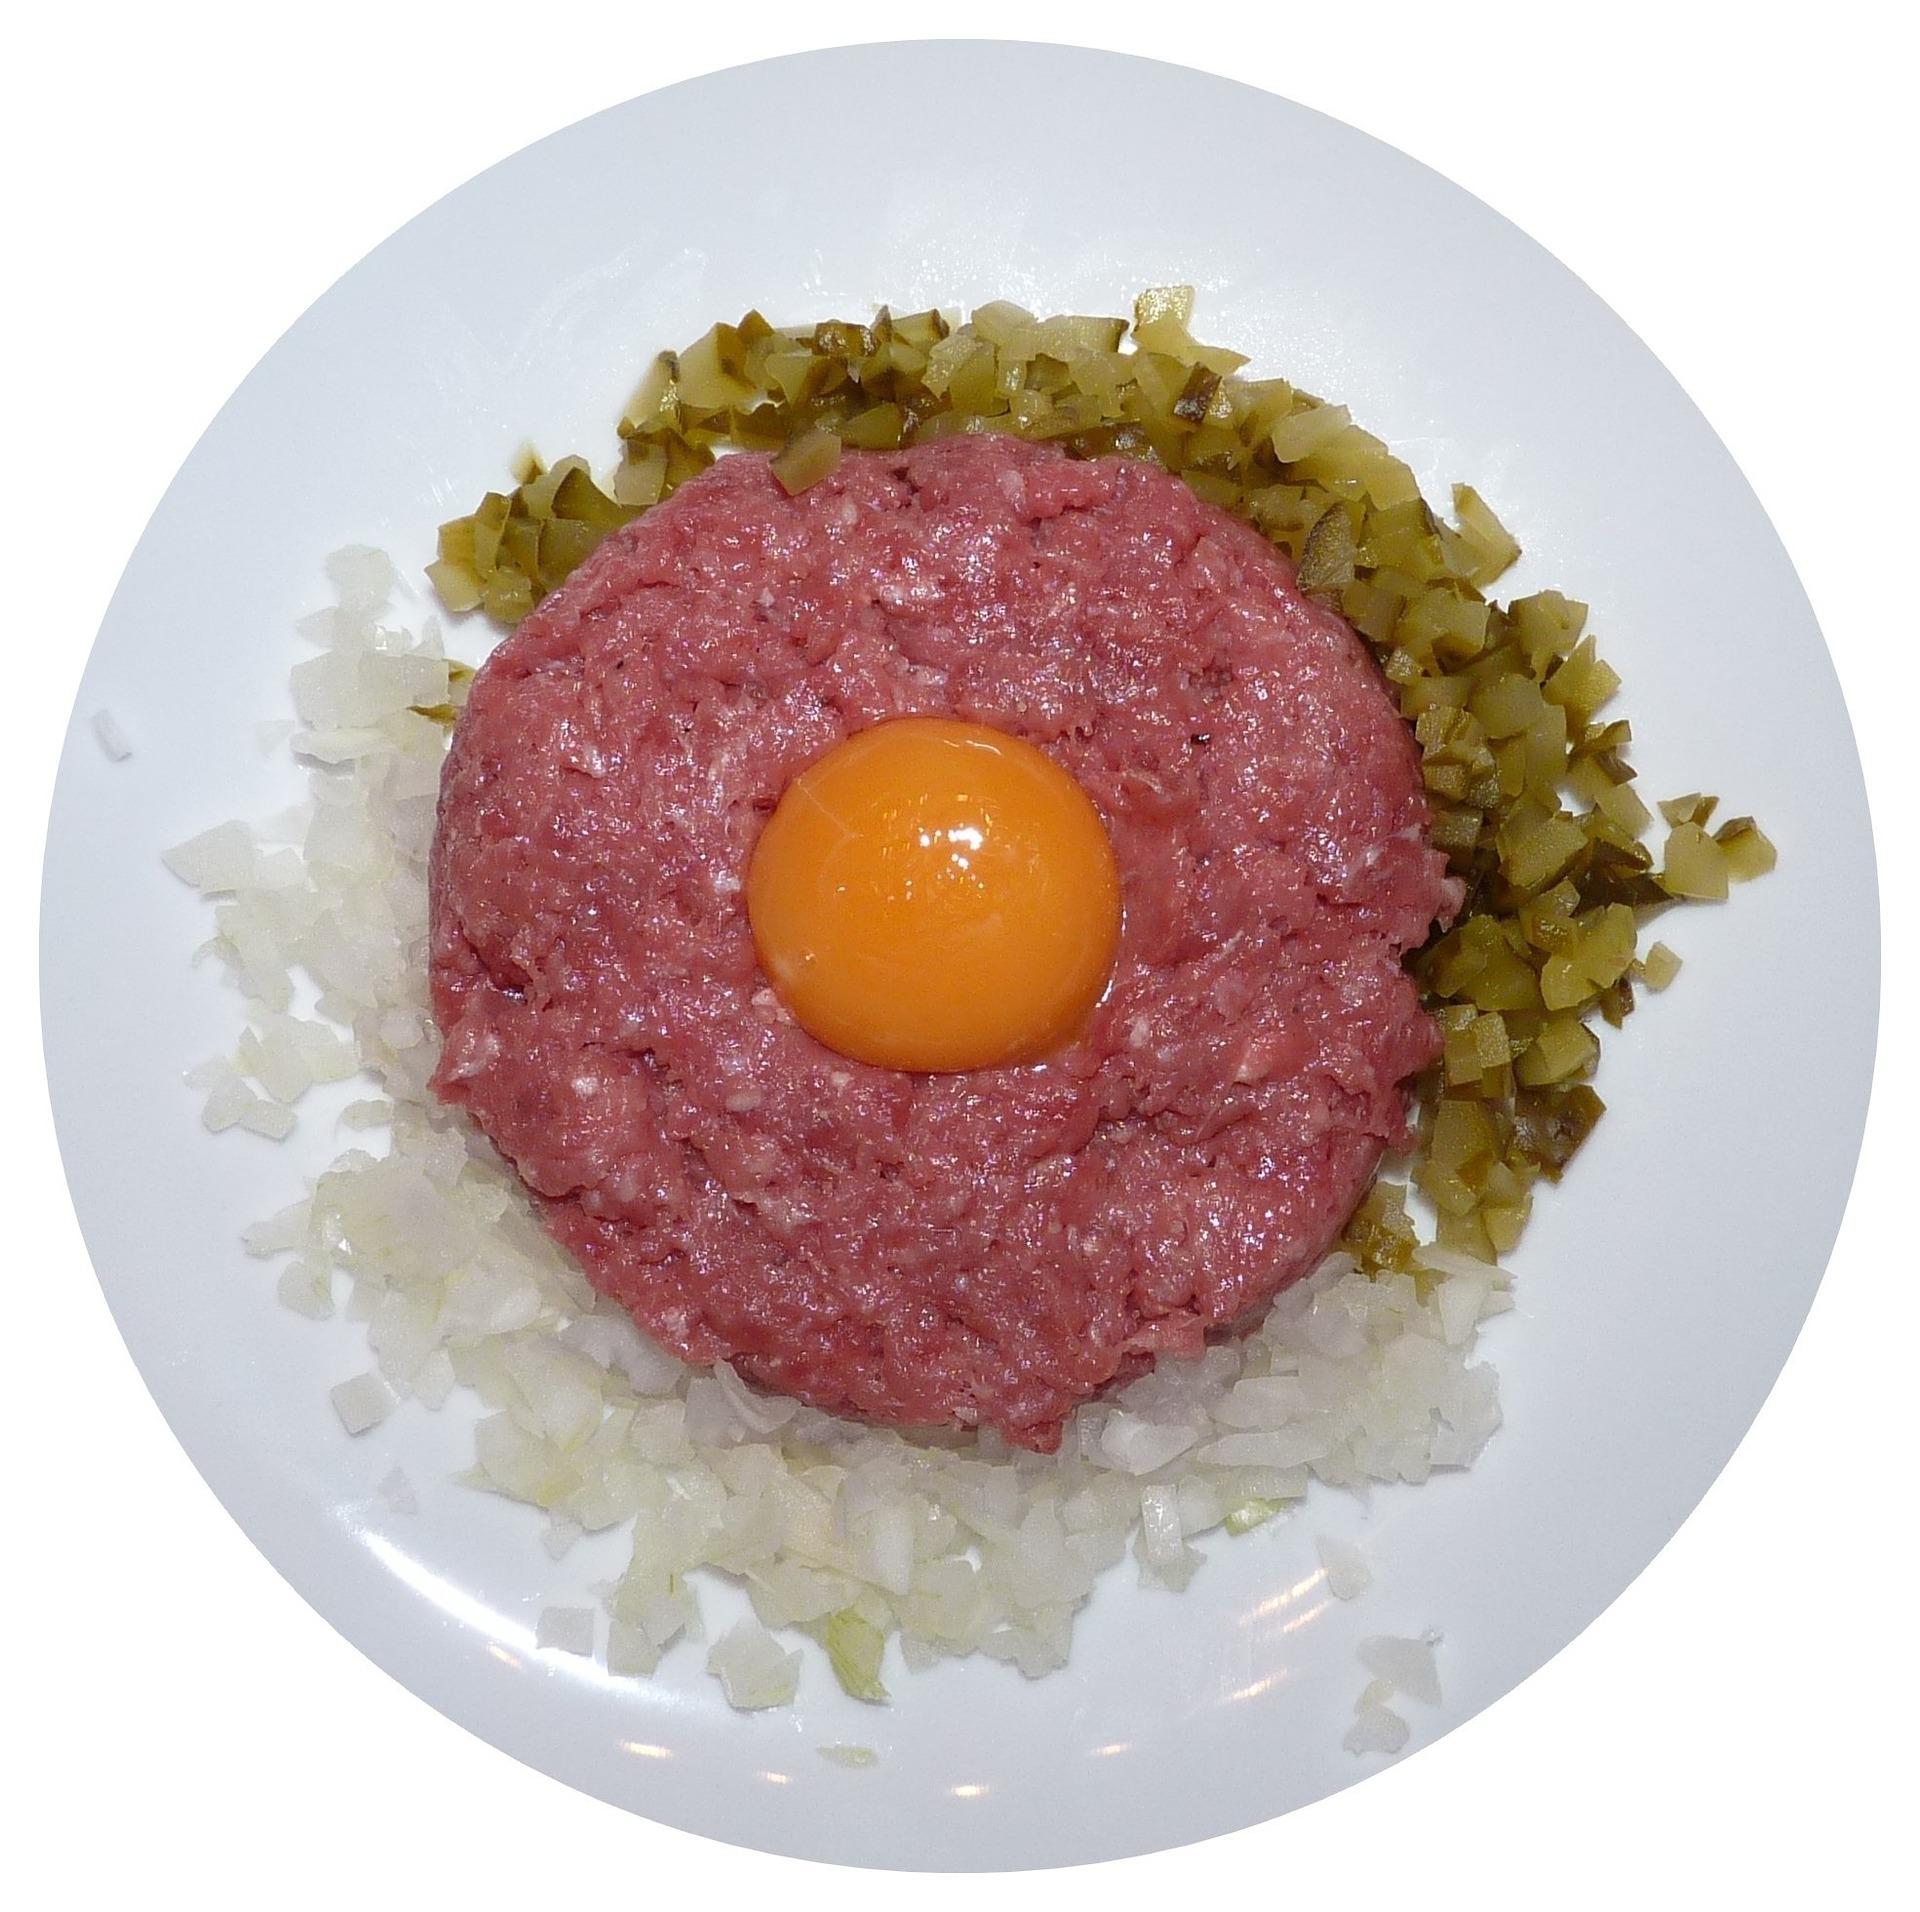 Gastro inak #2: Môžu reštaurácie podávať tatarák?